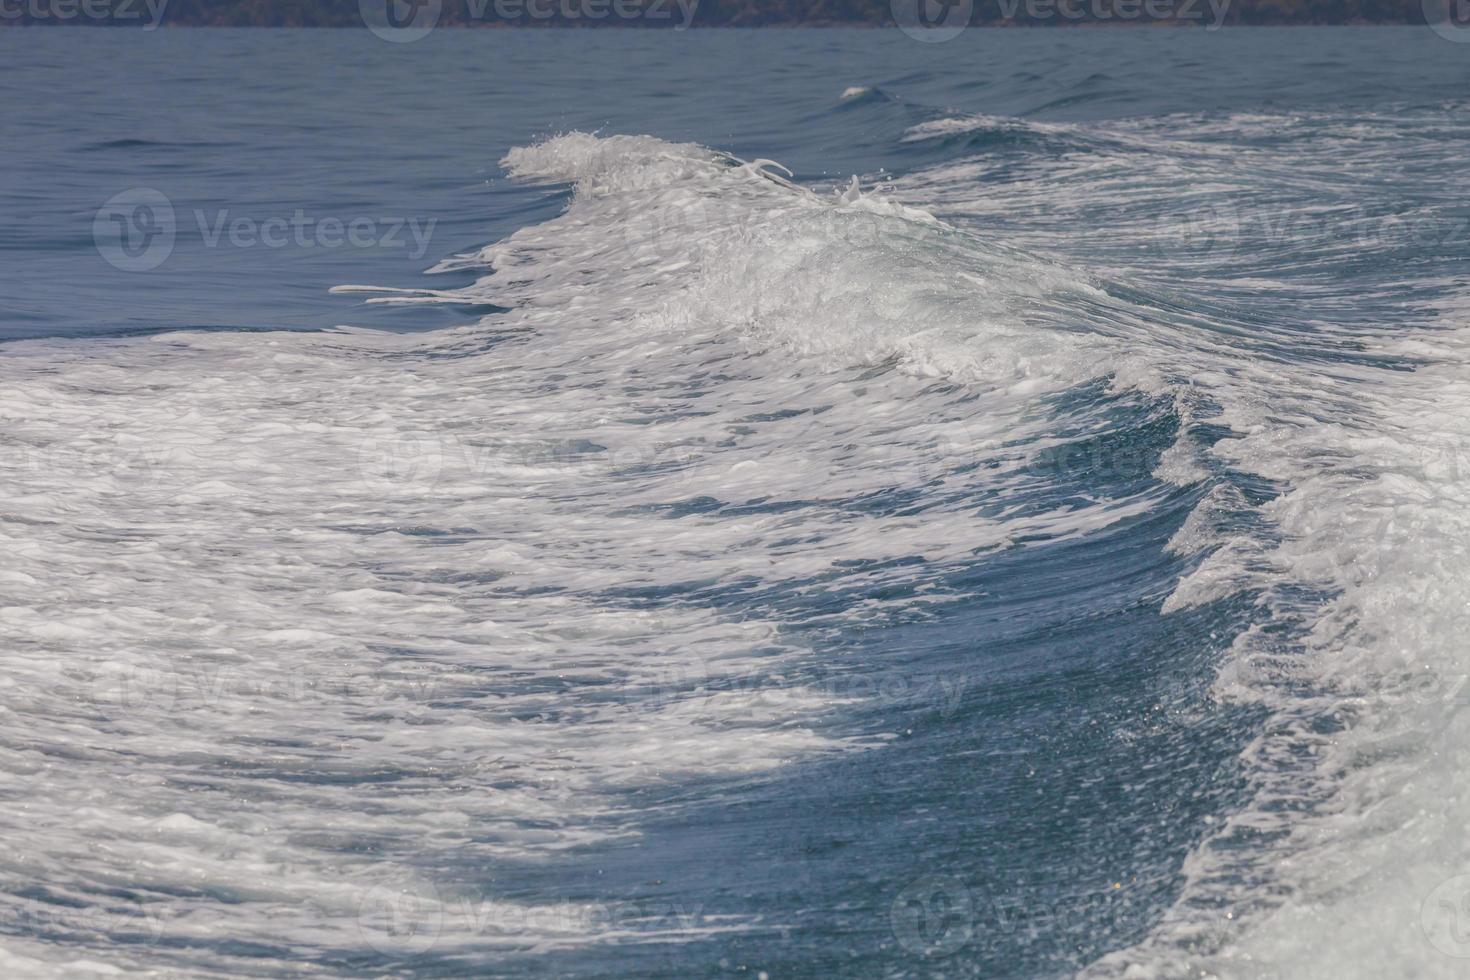 onde bianche e oceano blu foto